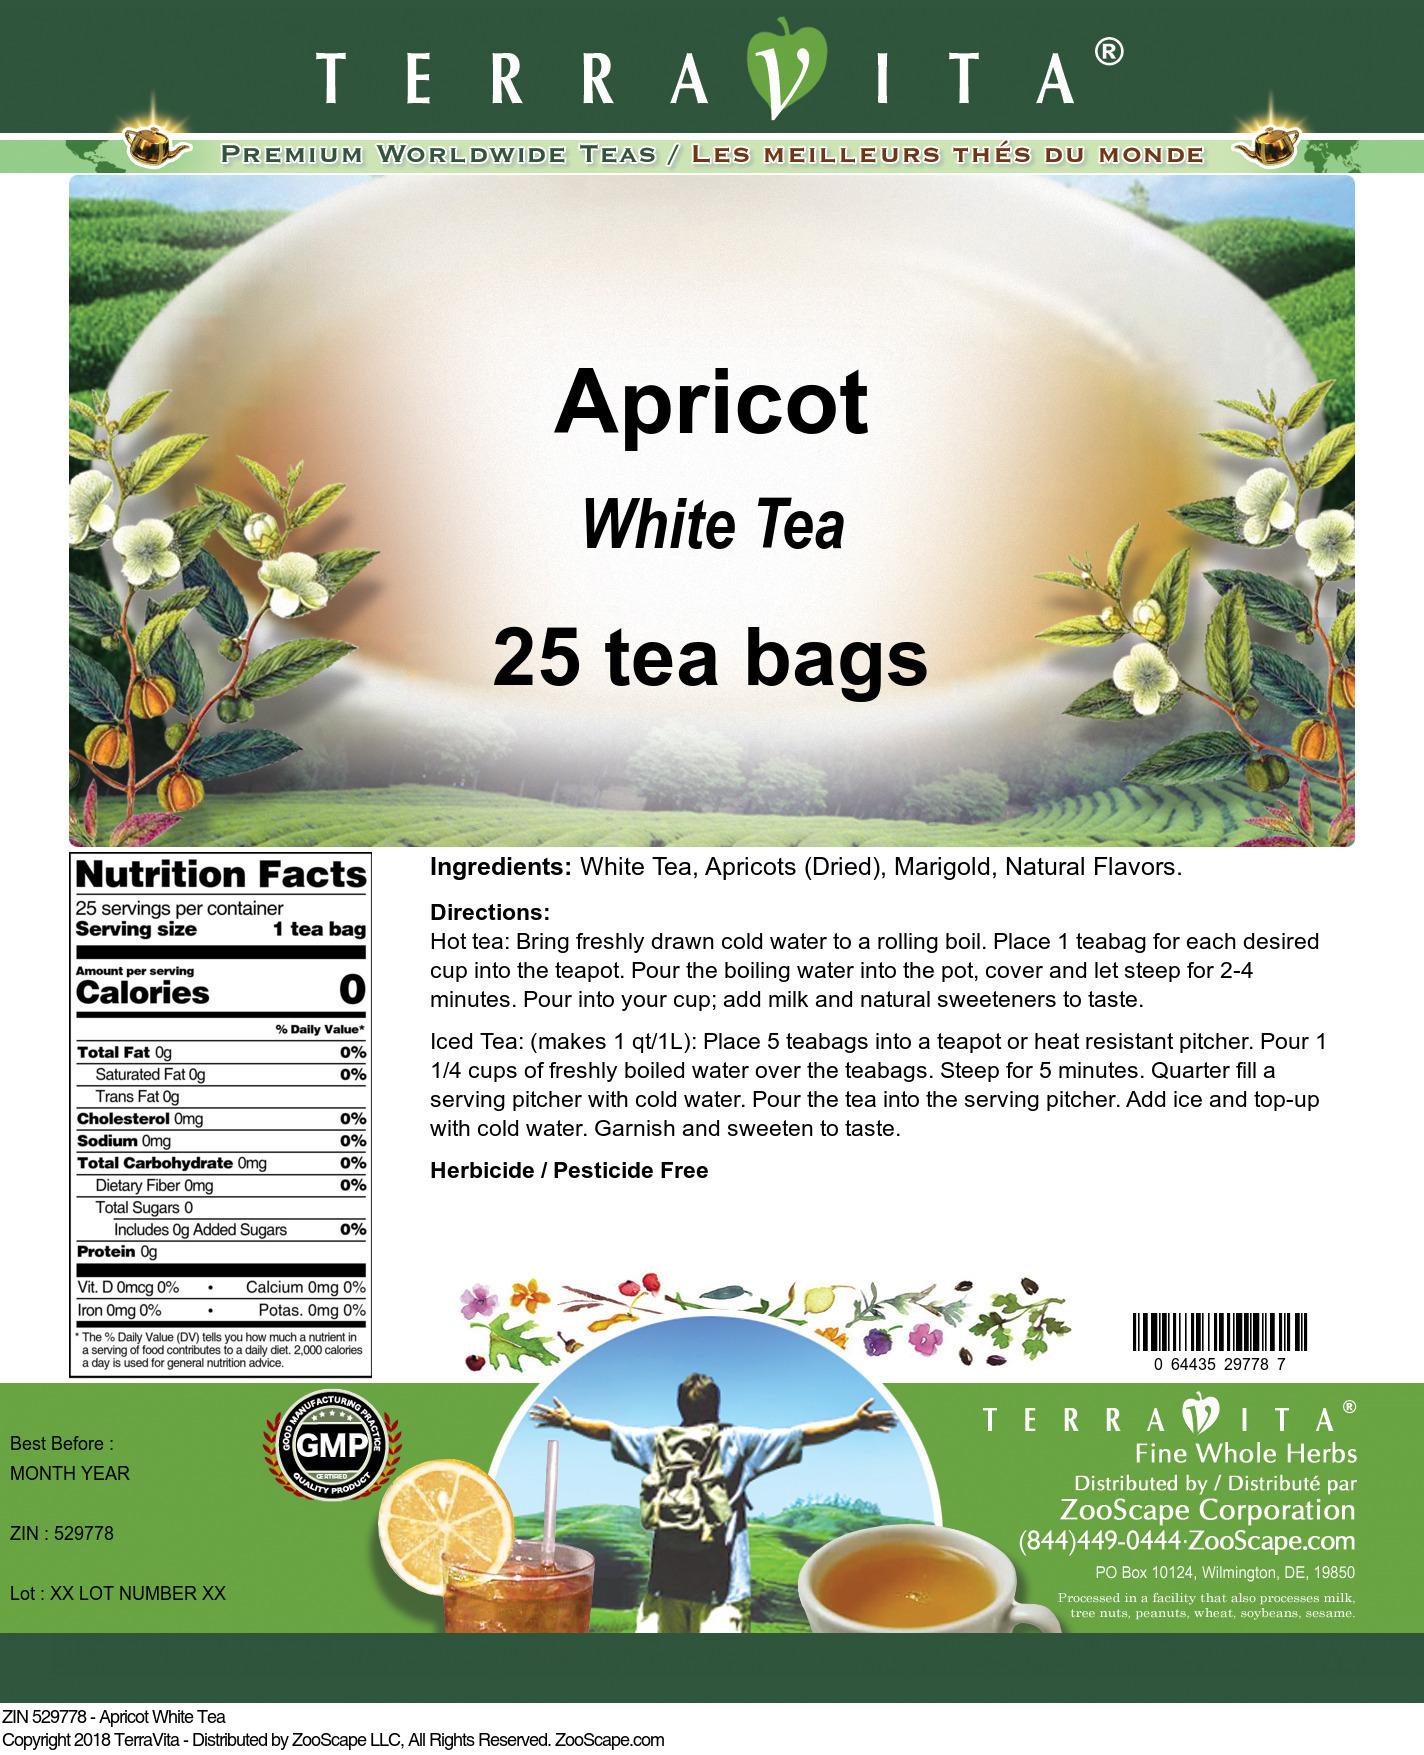 Apricot White Tea